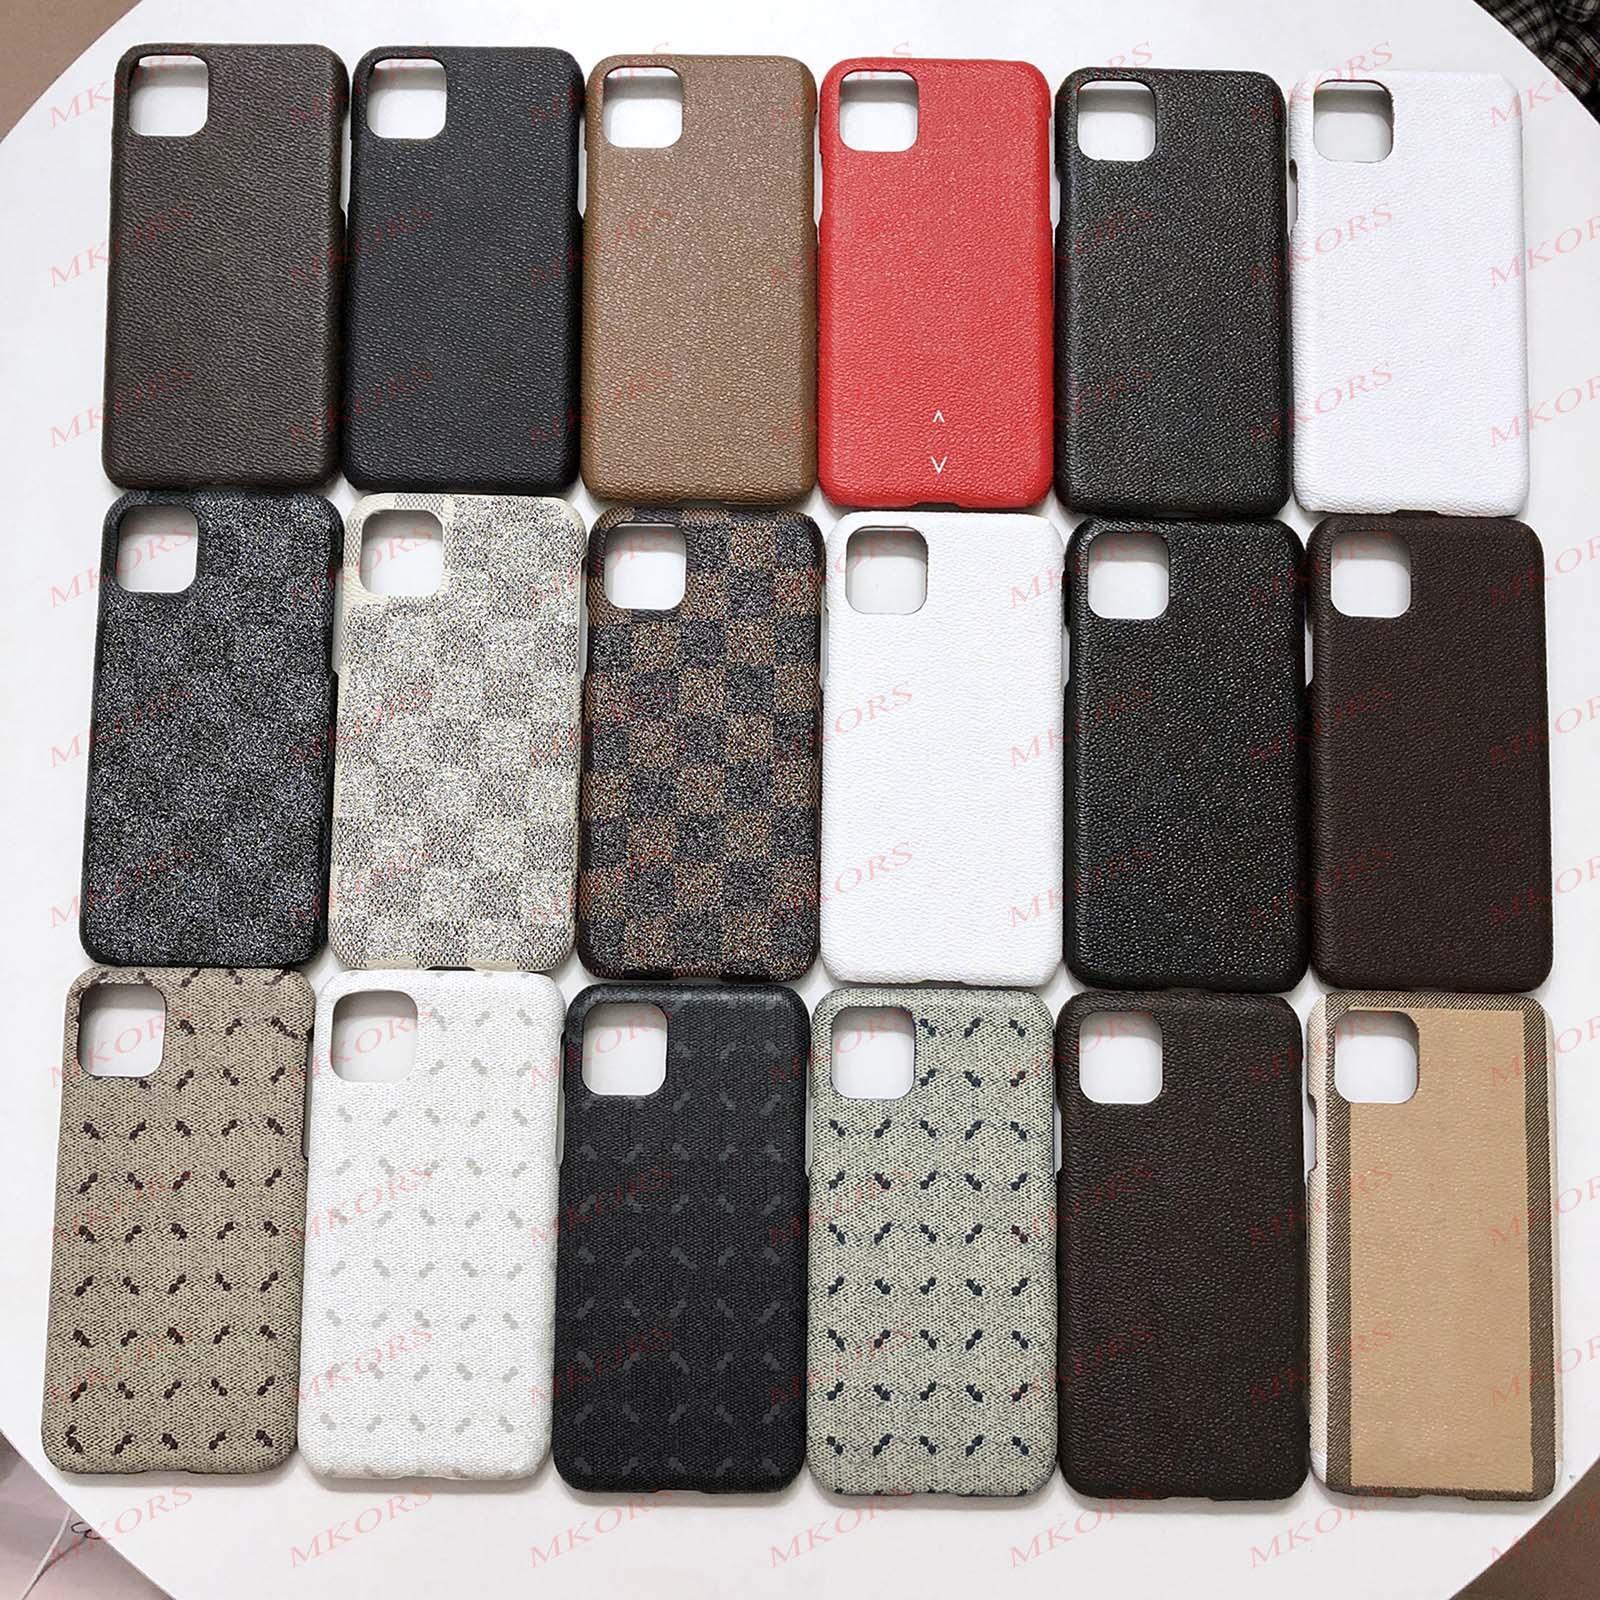 2020 Funda de teléfono de fibra de carbono colorida para iPhone 12 12PRO 11 11PRO X XS MAX XR 8 7 6 6S PROTECTOR DE PROTECCIÓN DE TRACHA DRUPAR